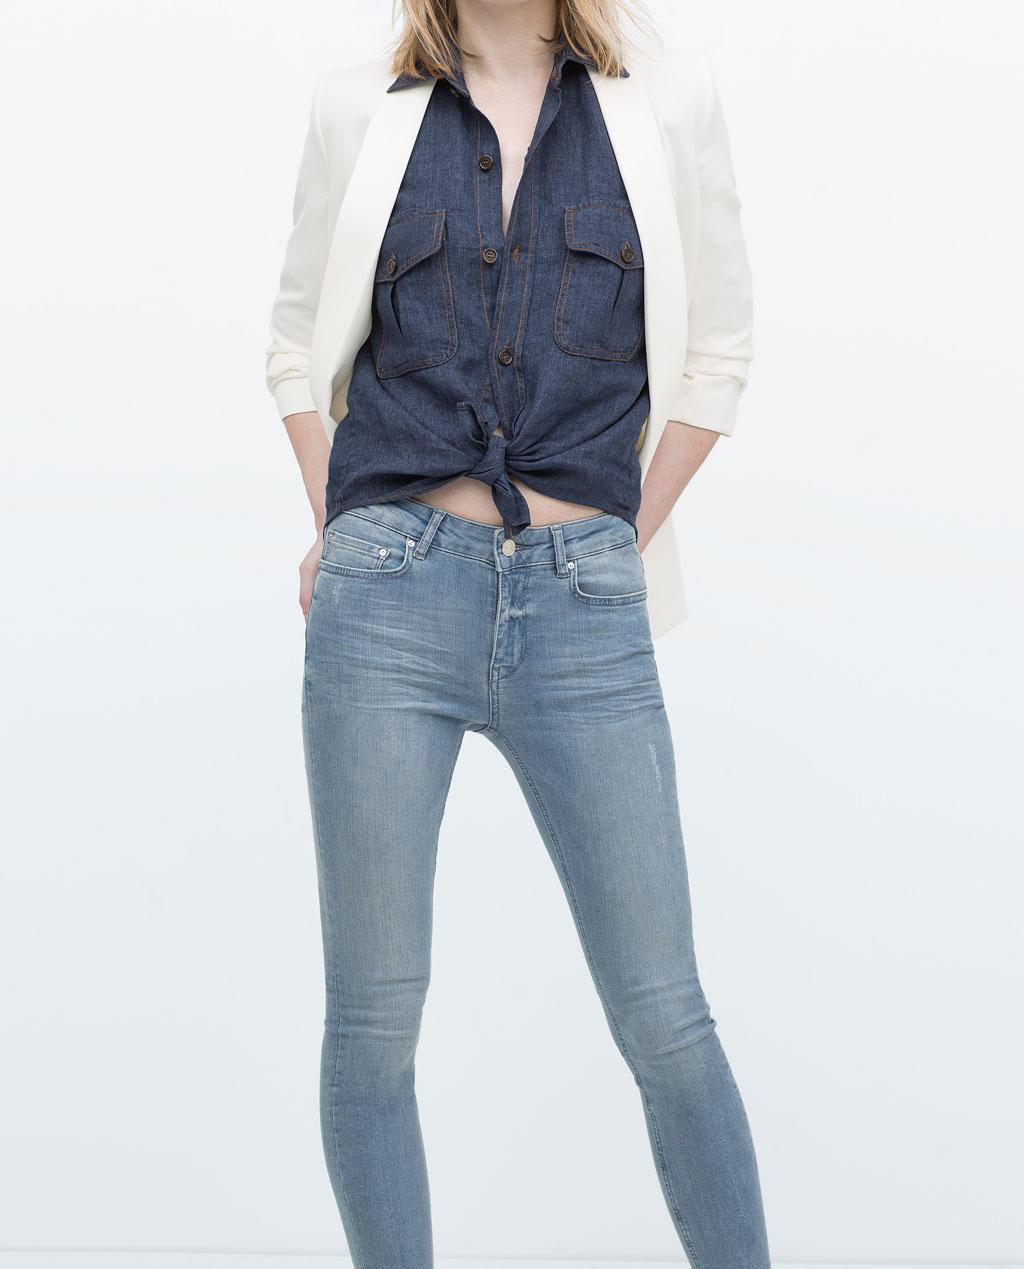 jeansowe rurki (źródło: zara.com)